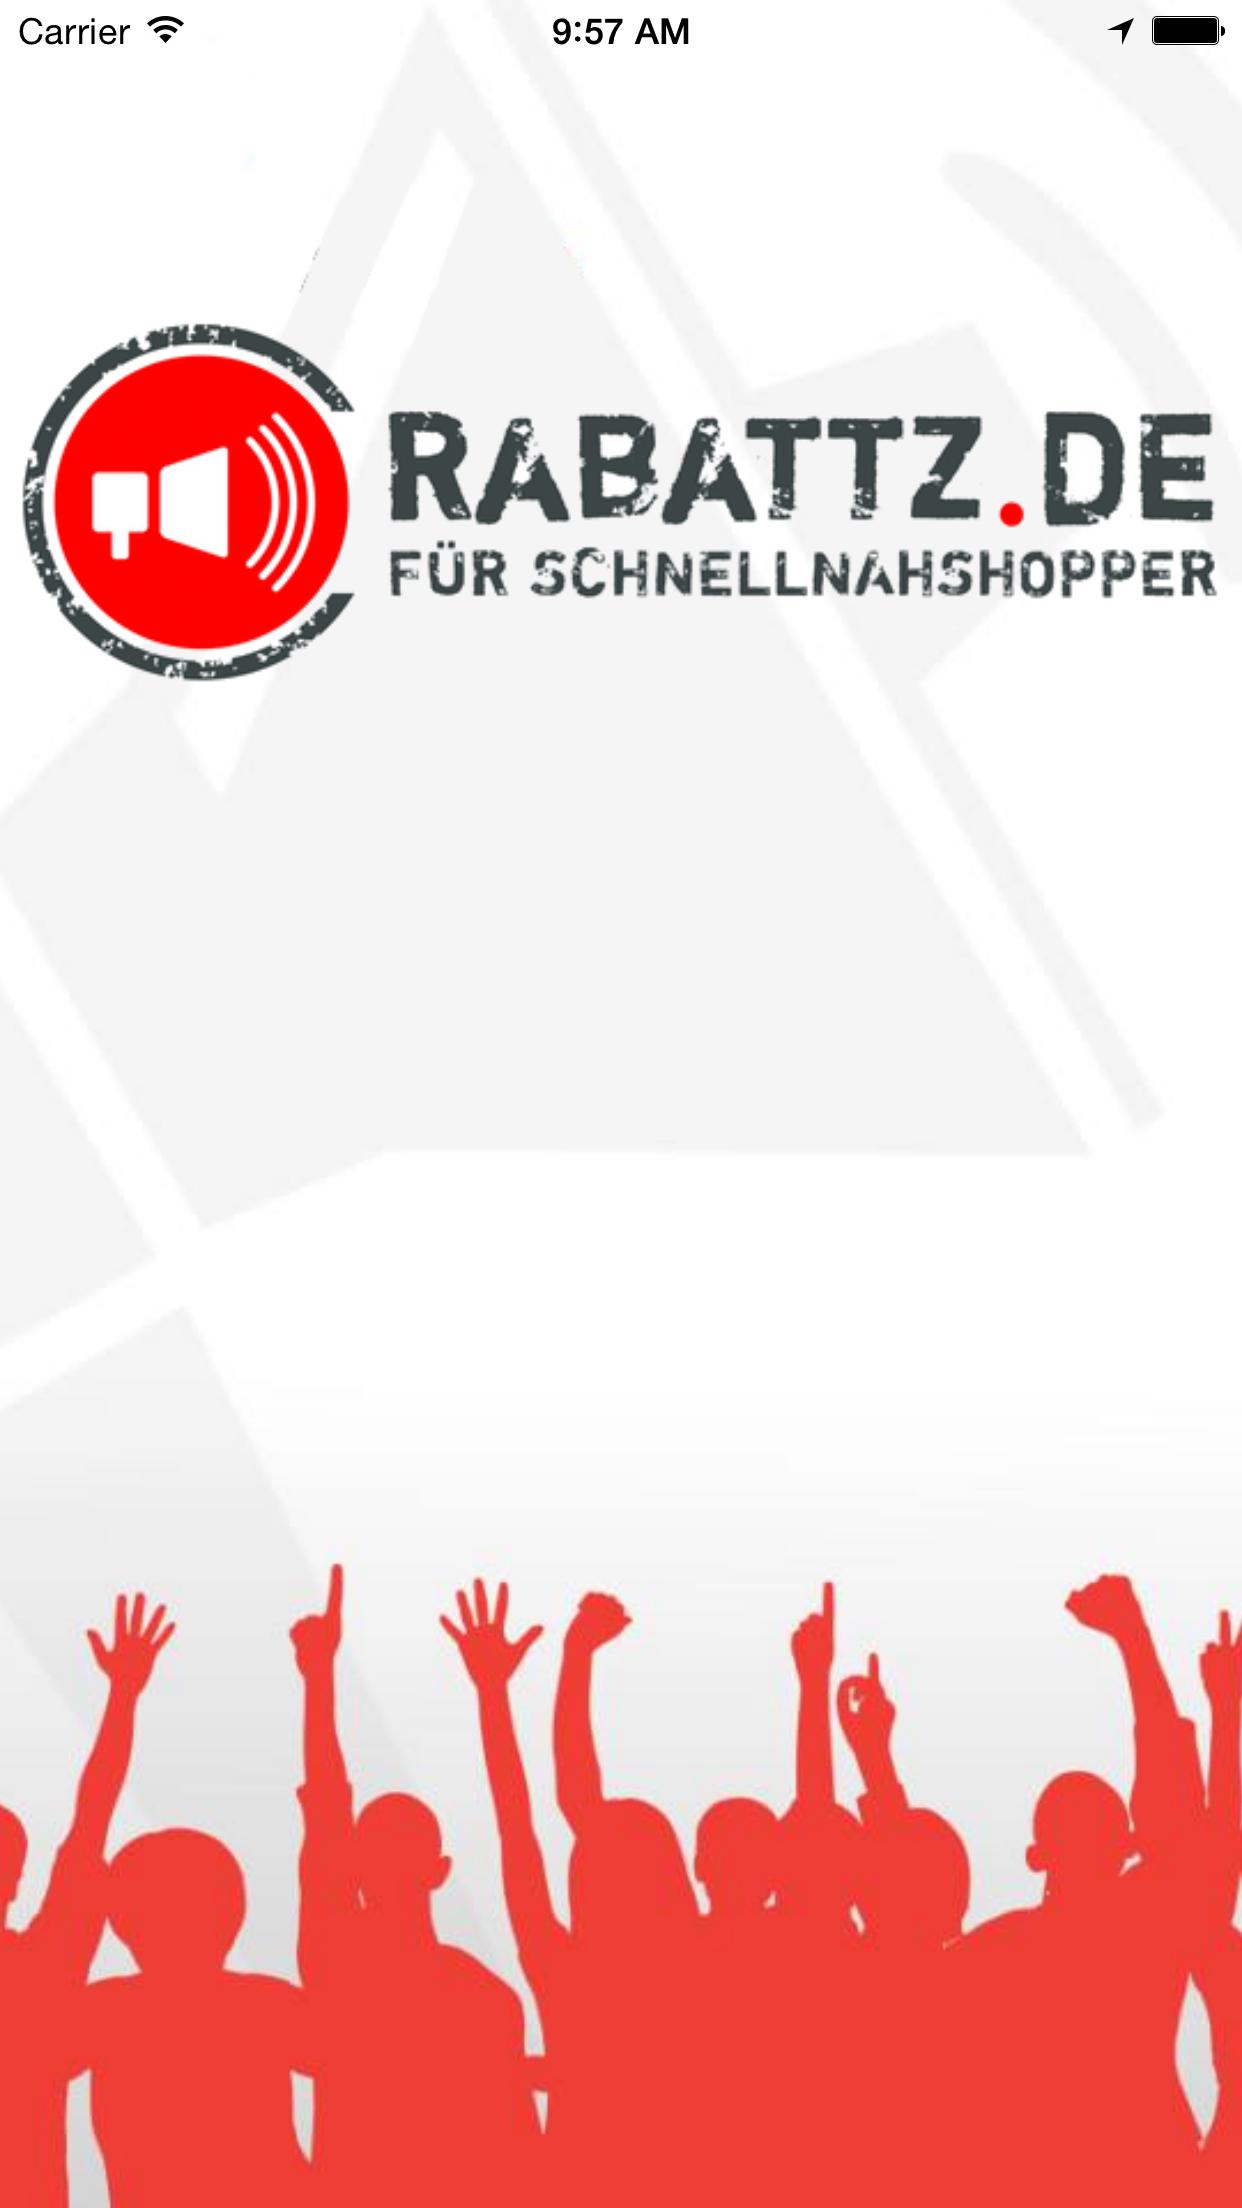 rabattz.de für Schnellnahshopper